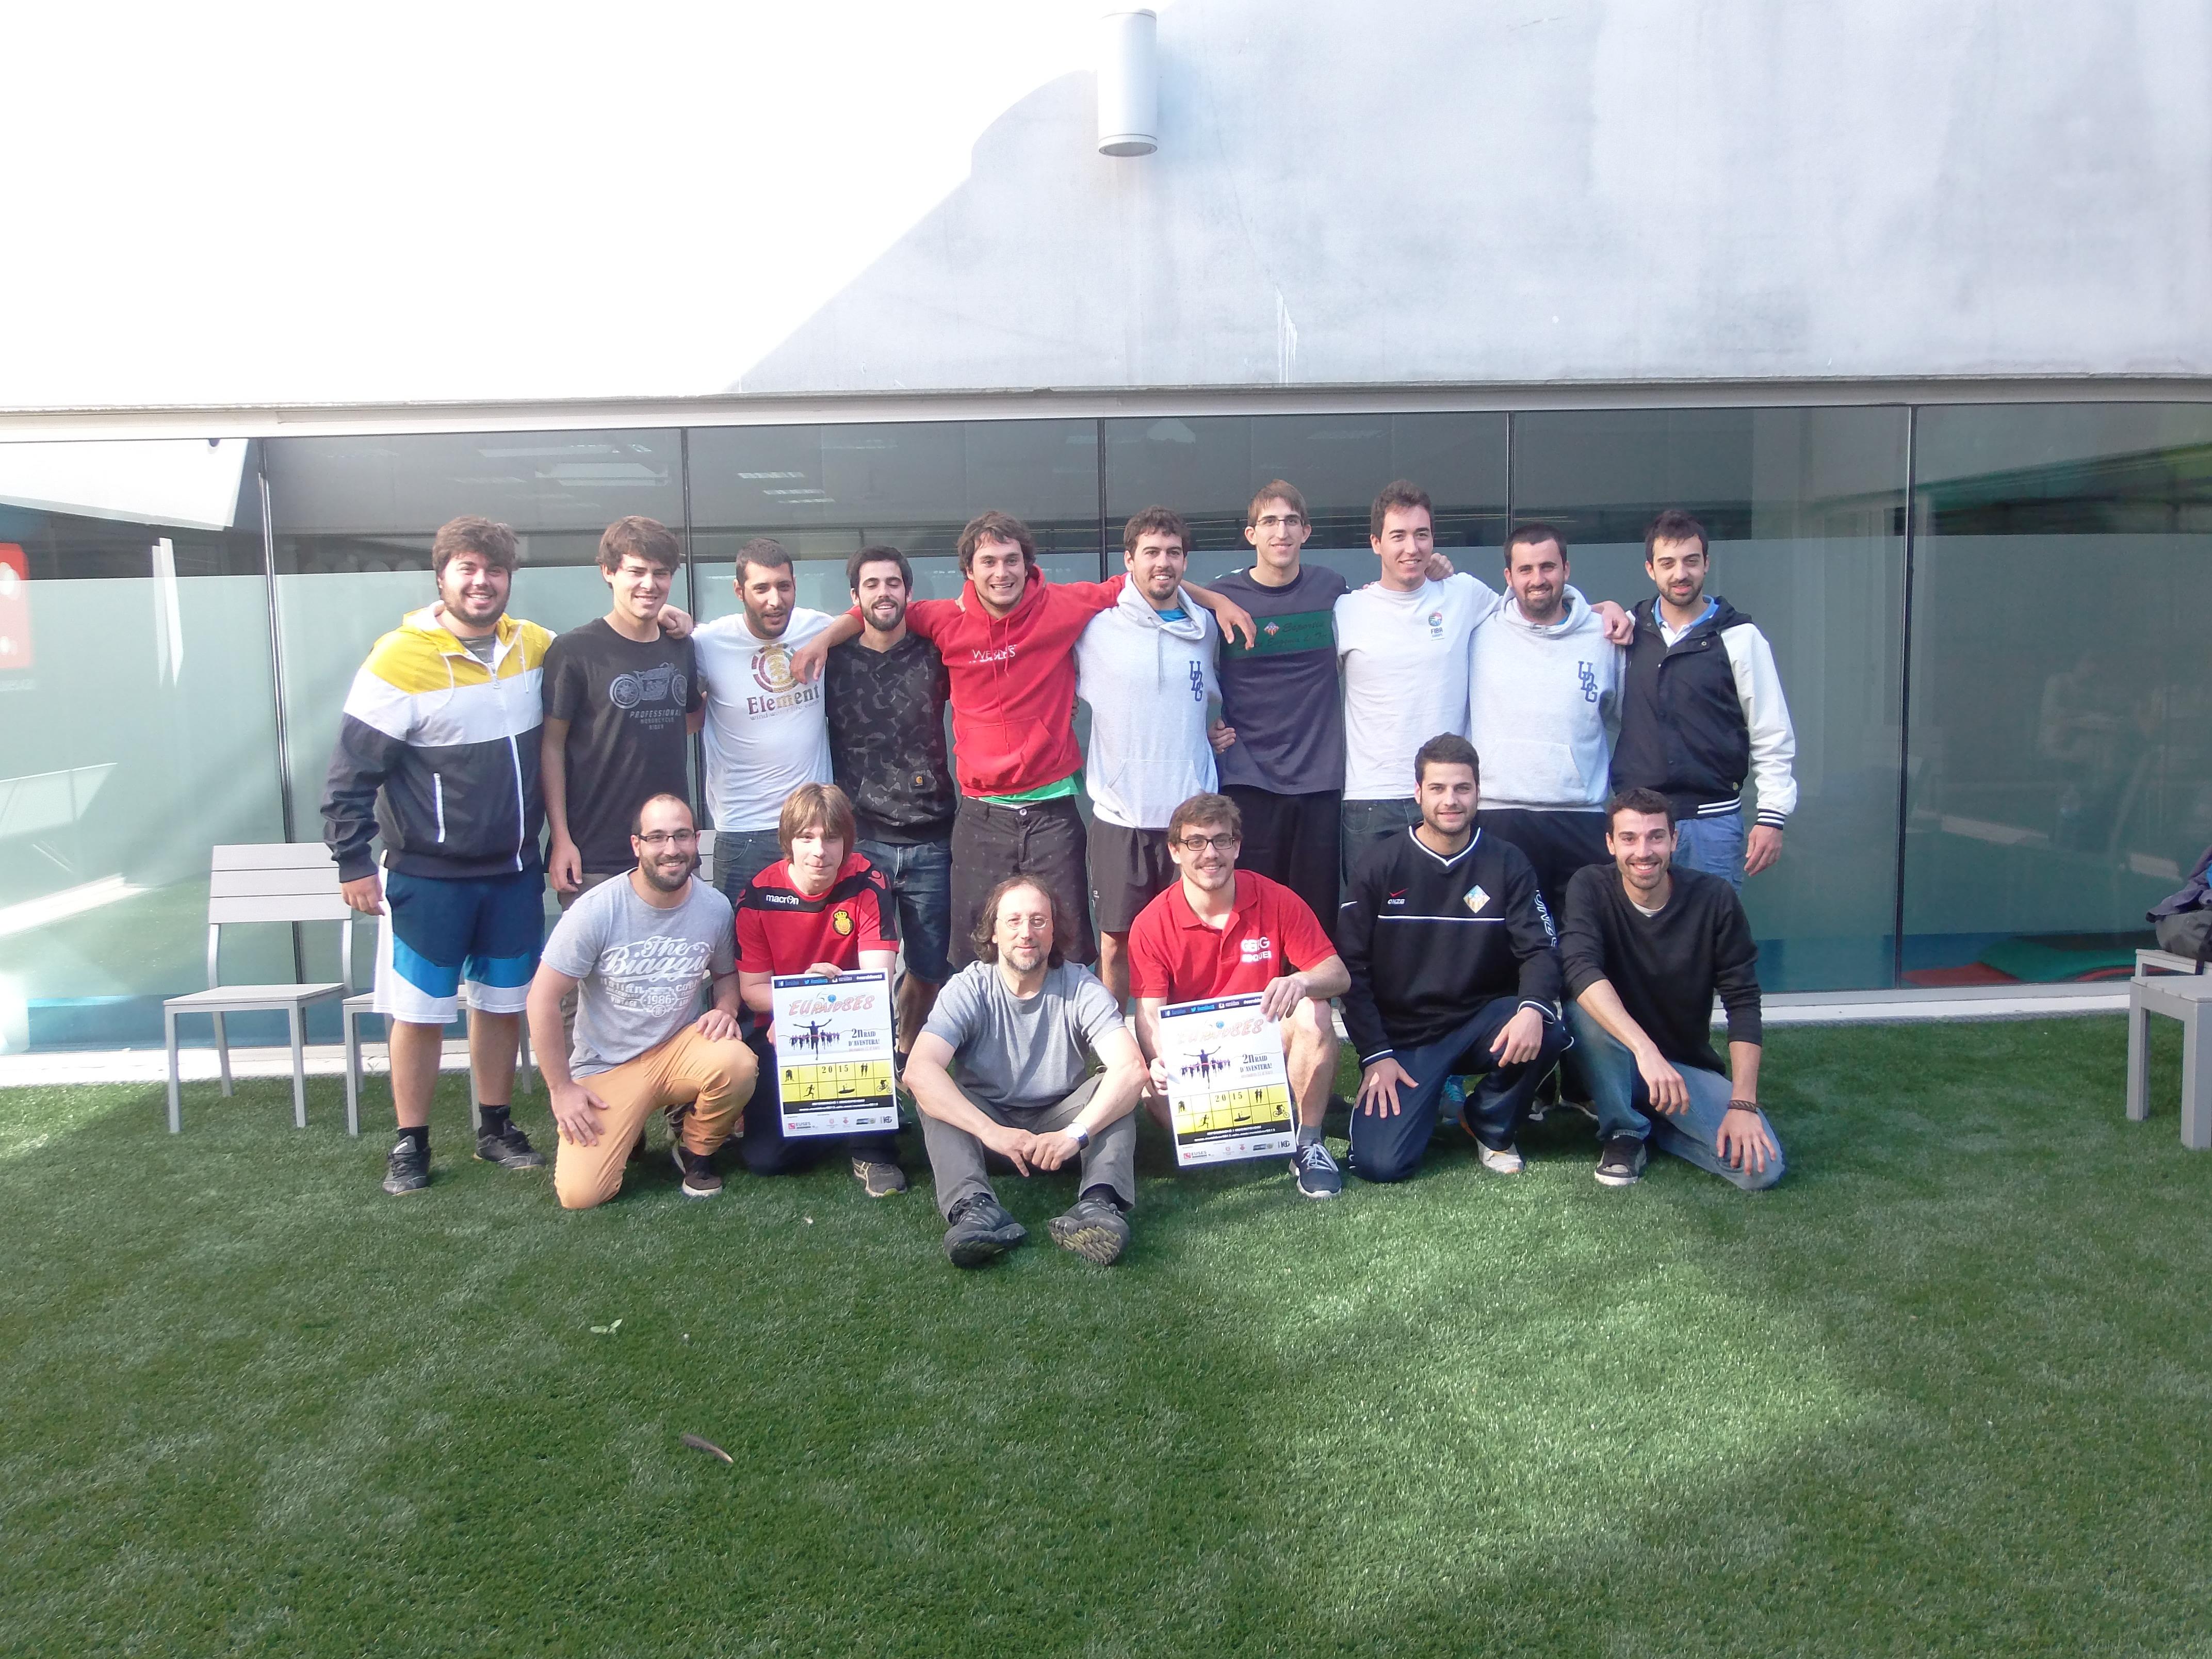 """L'equip """"Aerobics"""" s'imposa en la 2a edició de l'Euraidses, organitzat pels alumnes de 3r de CAFE"""